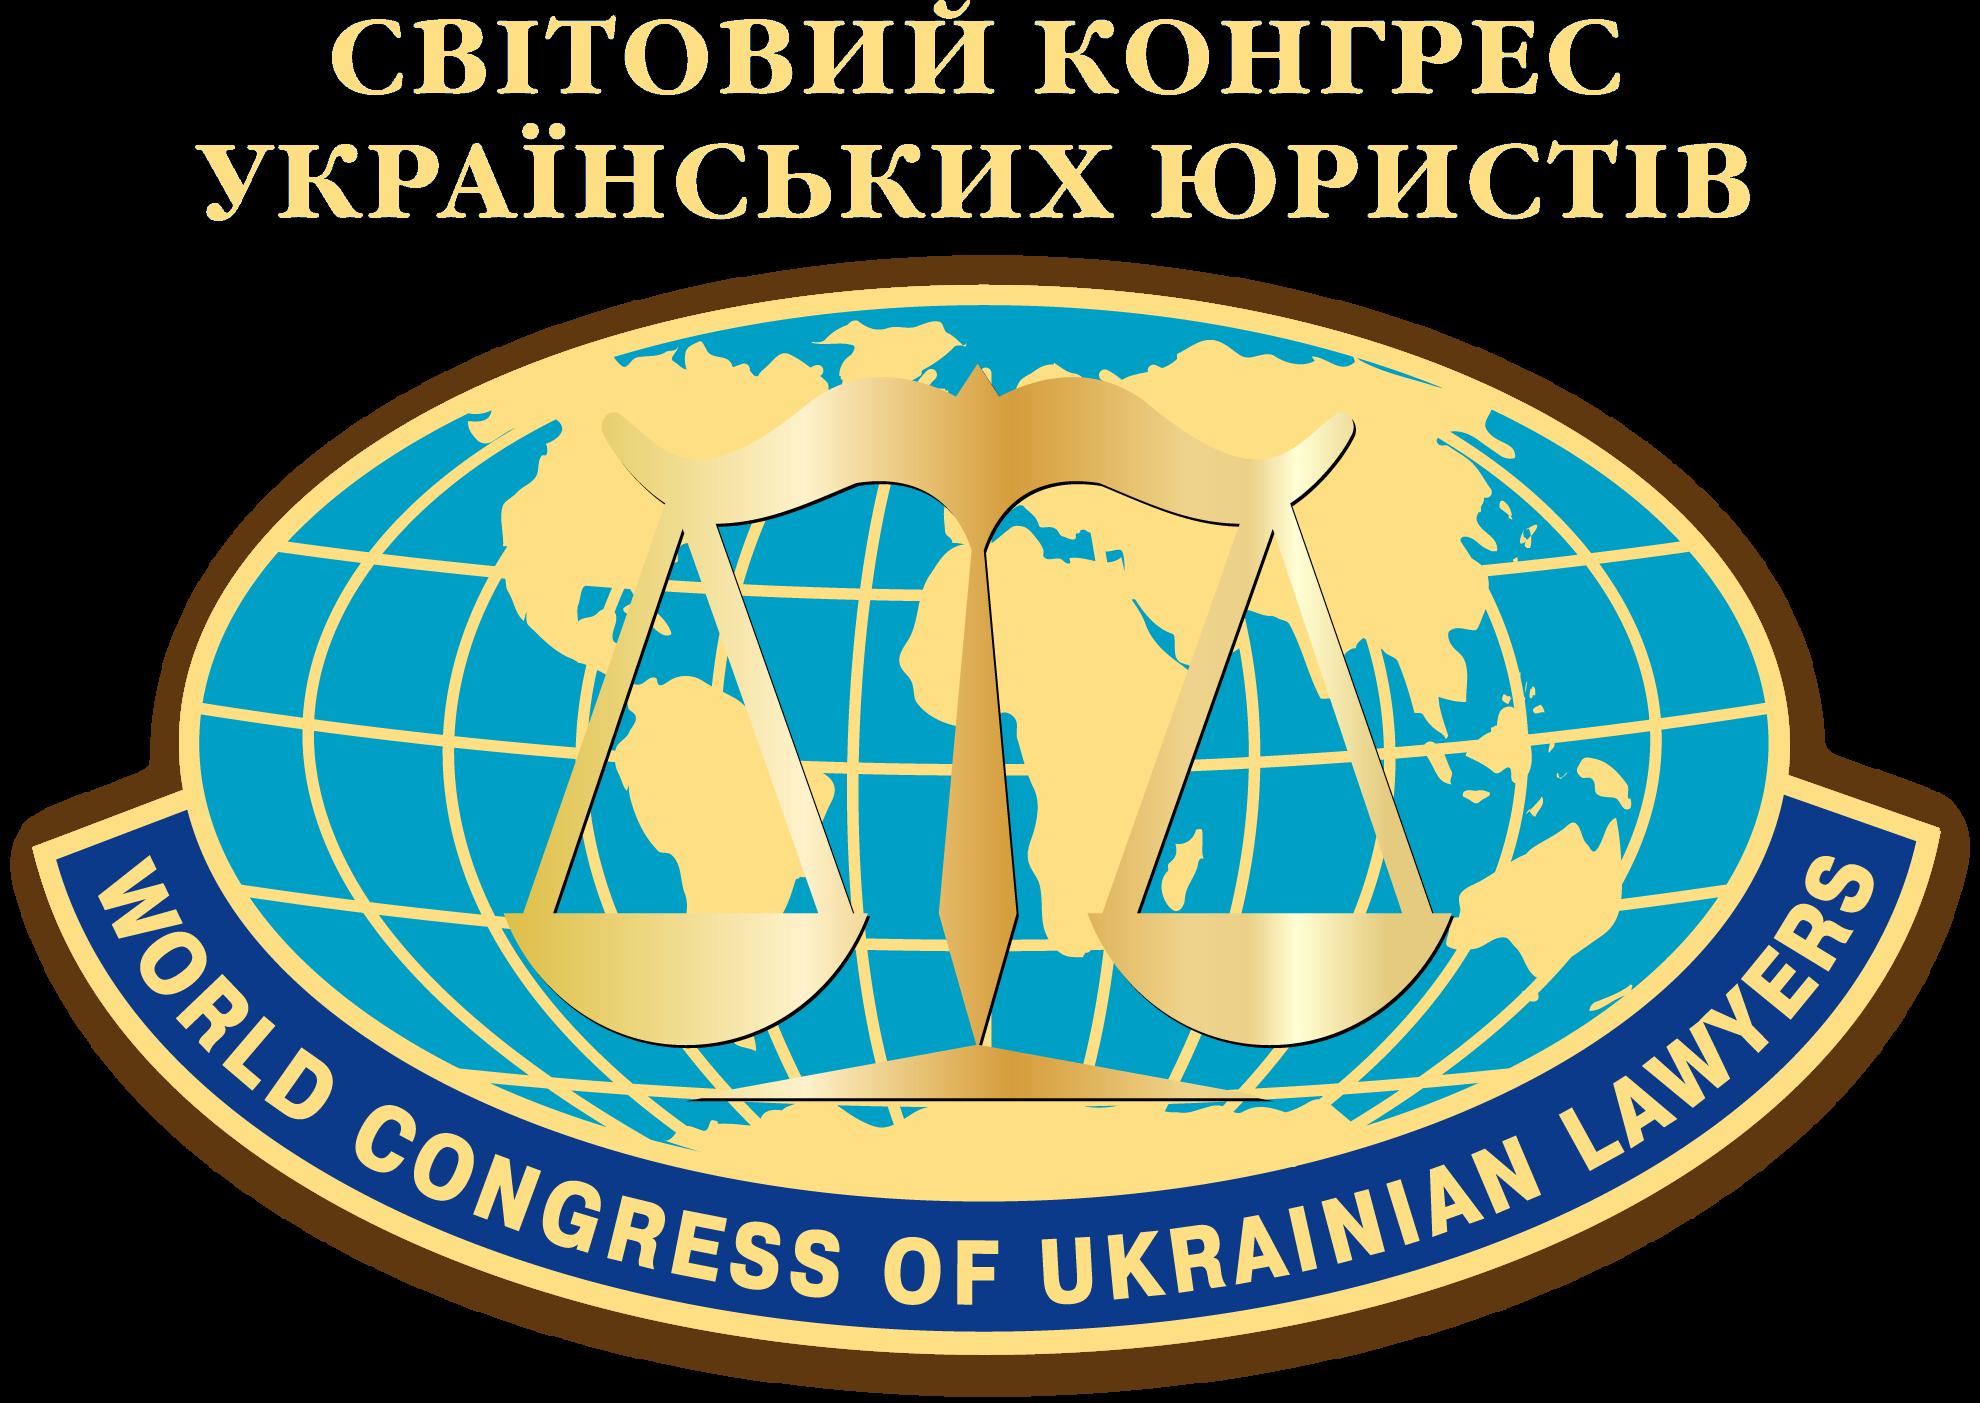 Світовий Конгрес українських юристів